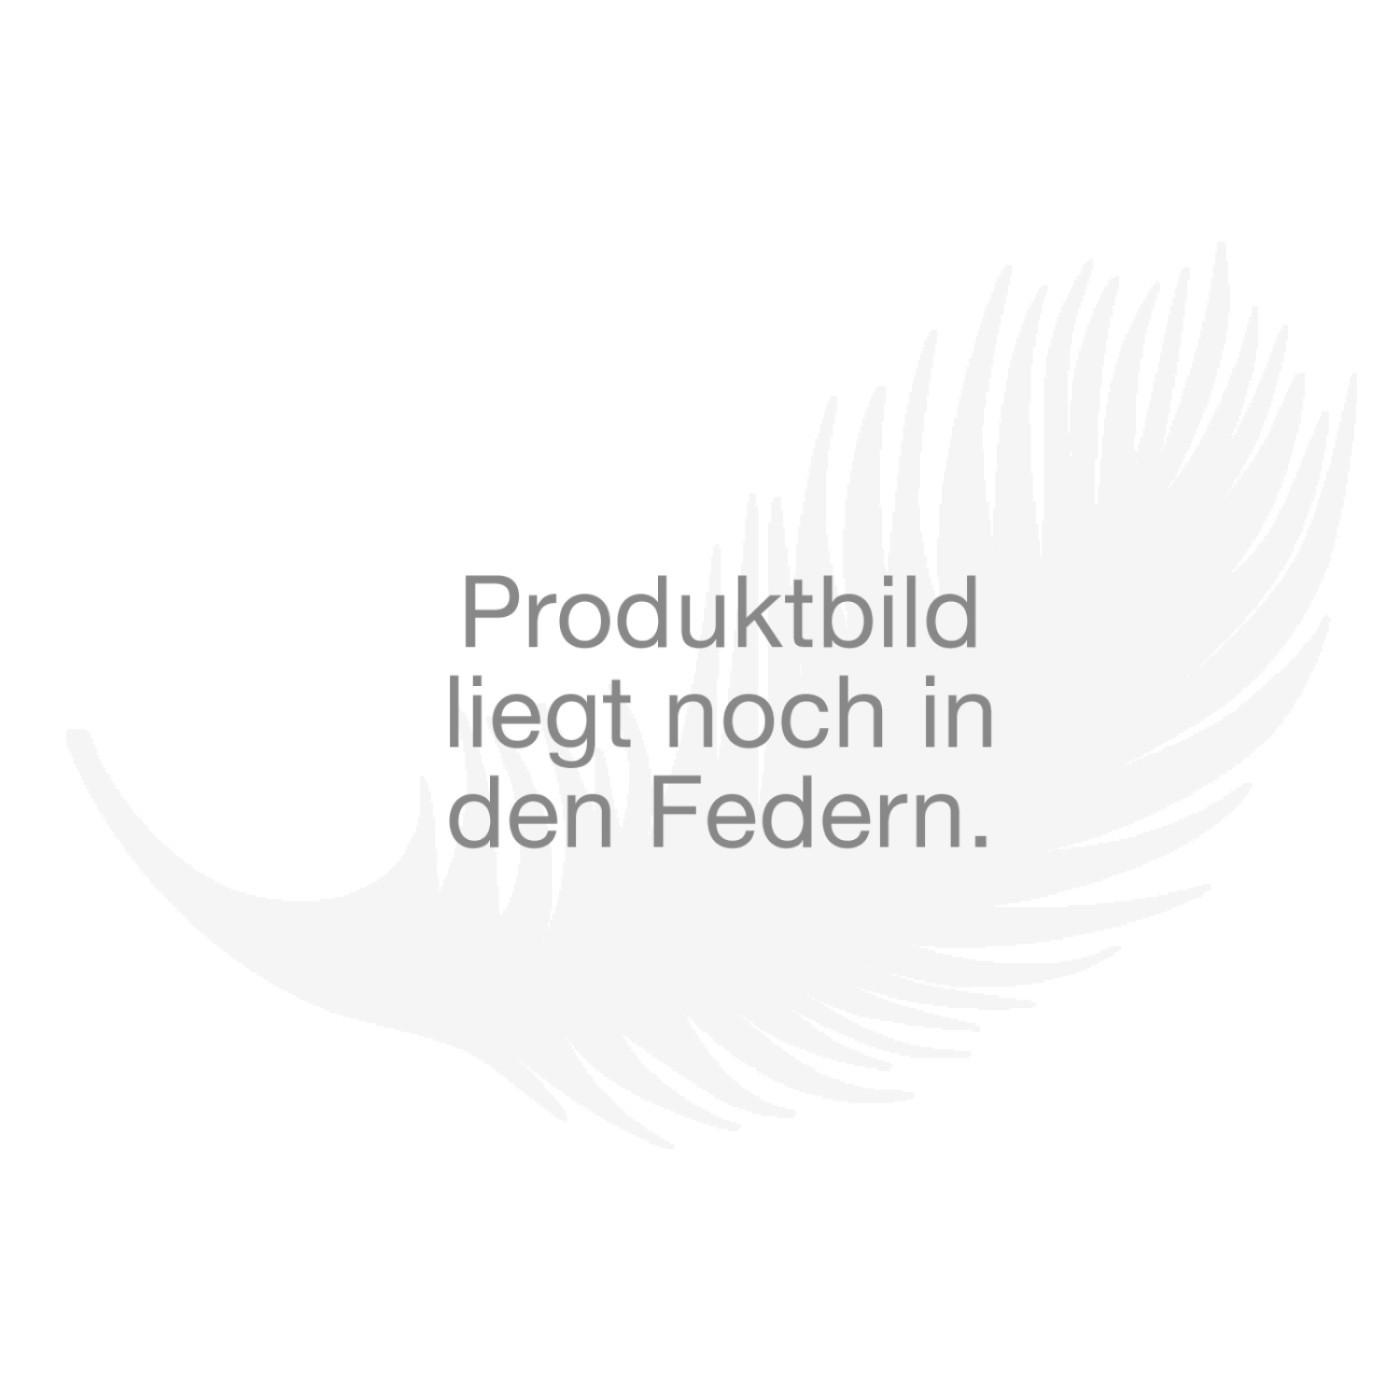 awesome luxurioses bett design hastens guten schlaf contemporary, Schlafzimmer entwurf